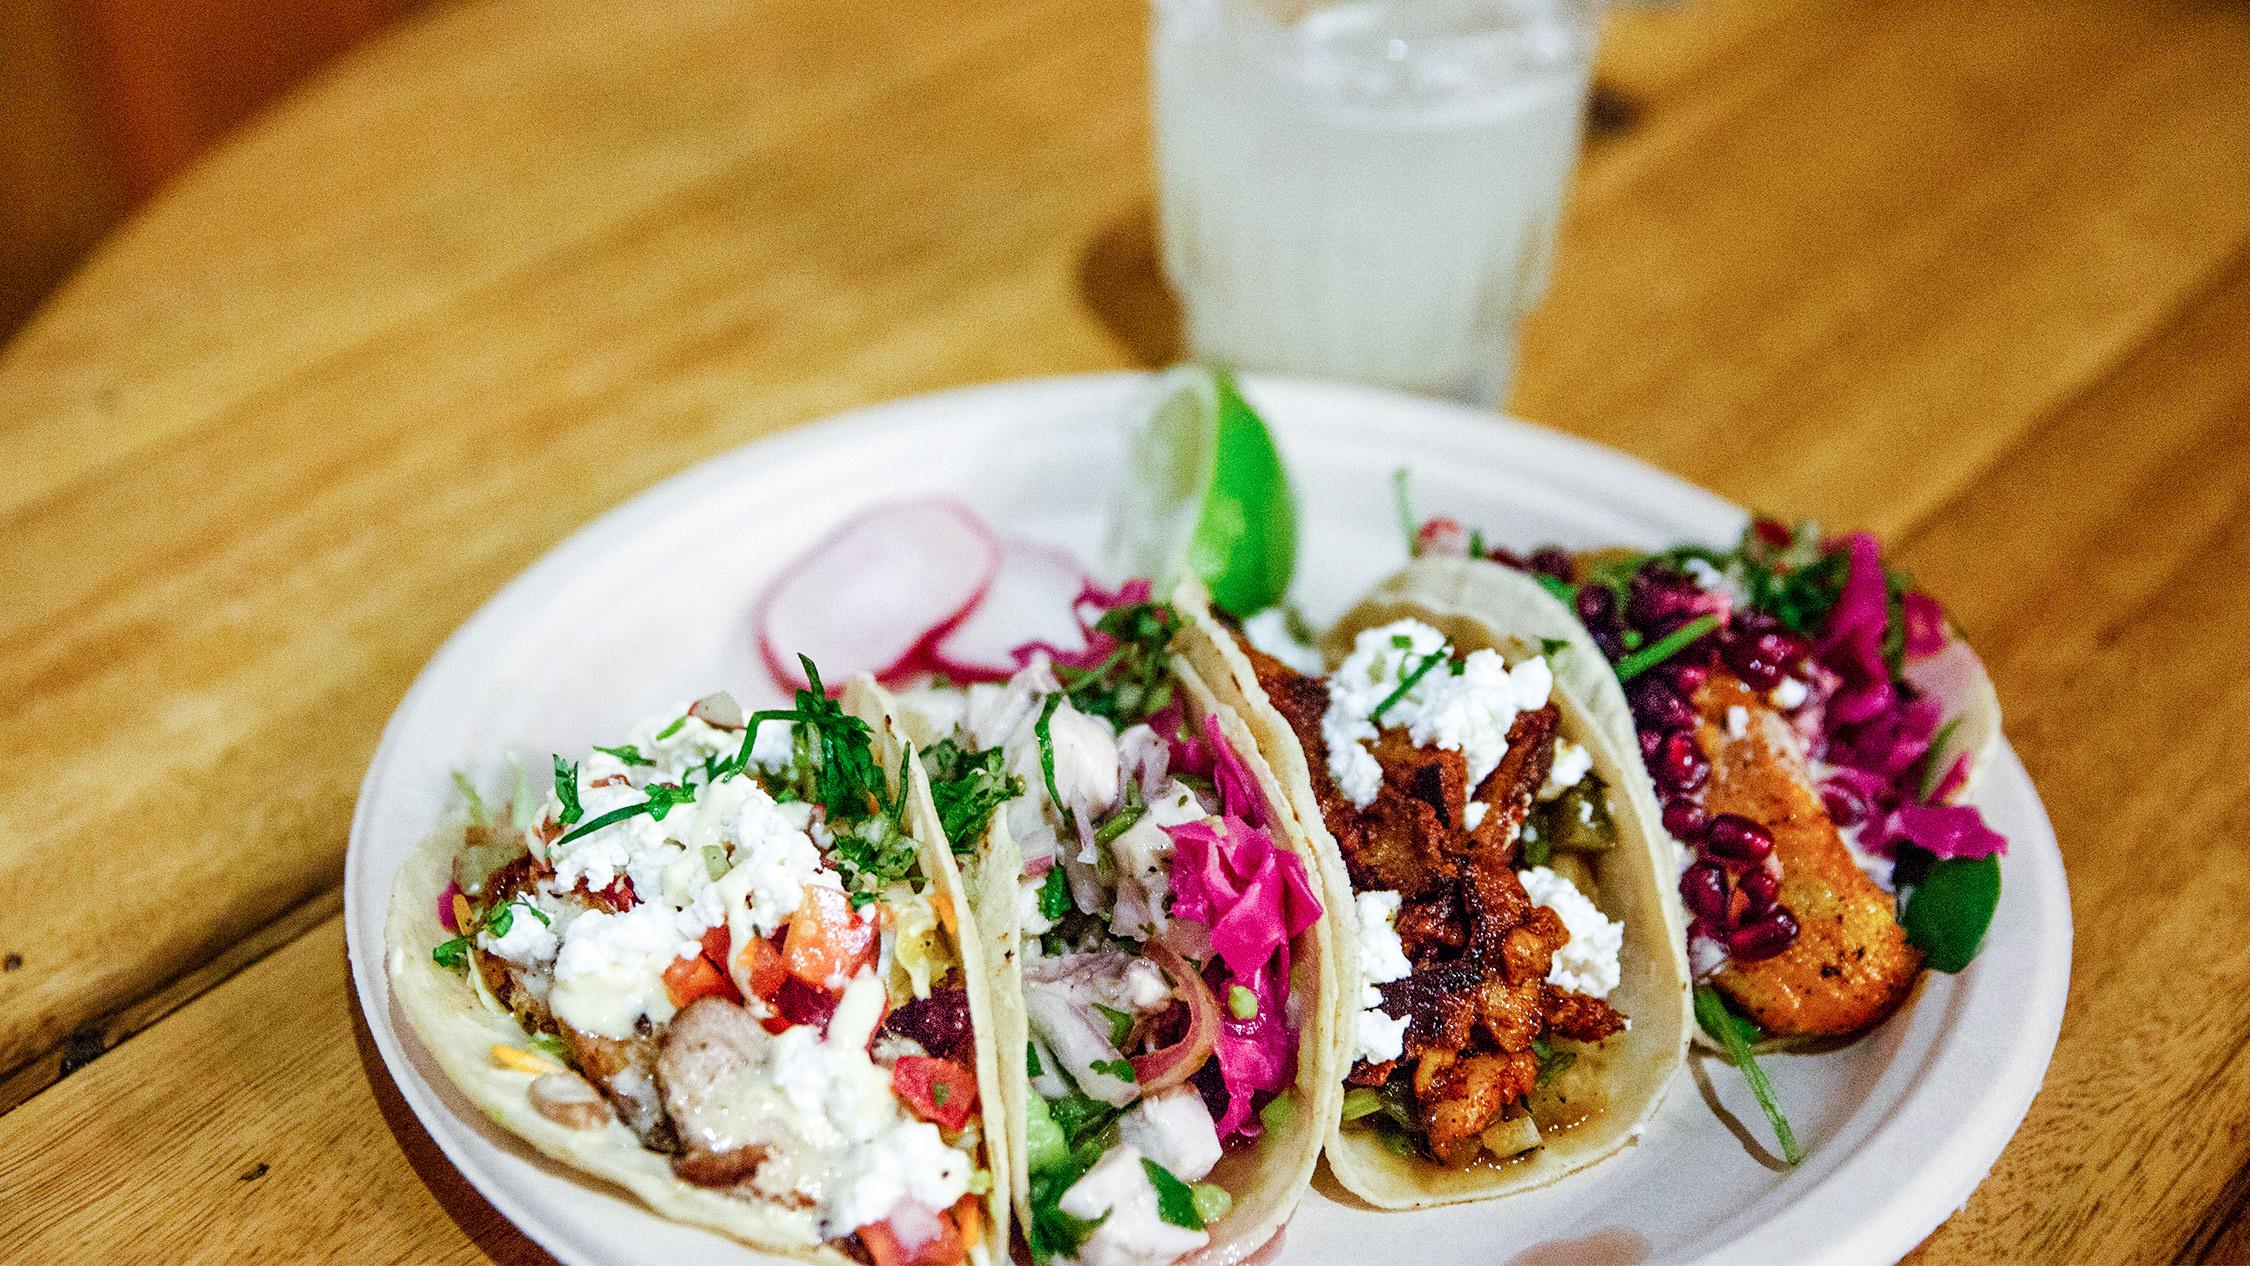 Tacos at Coyotito